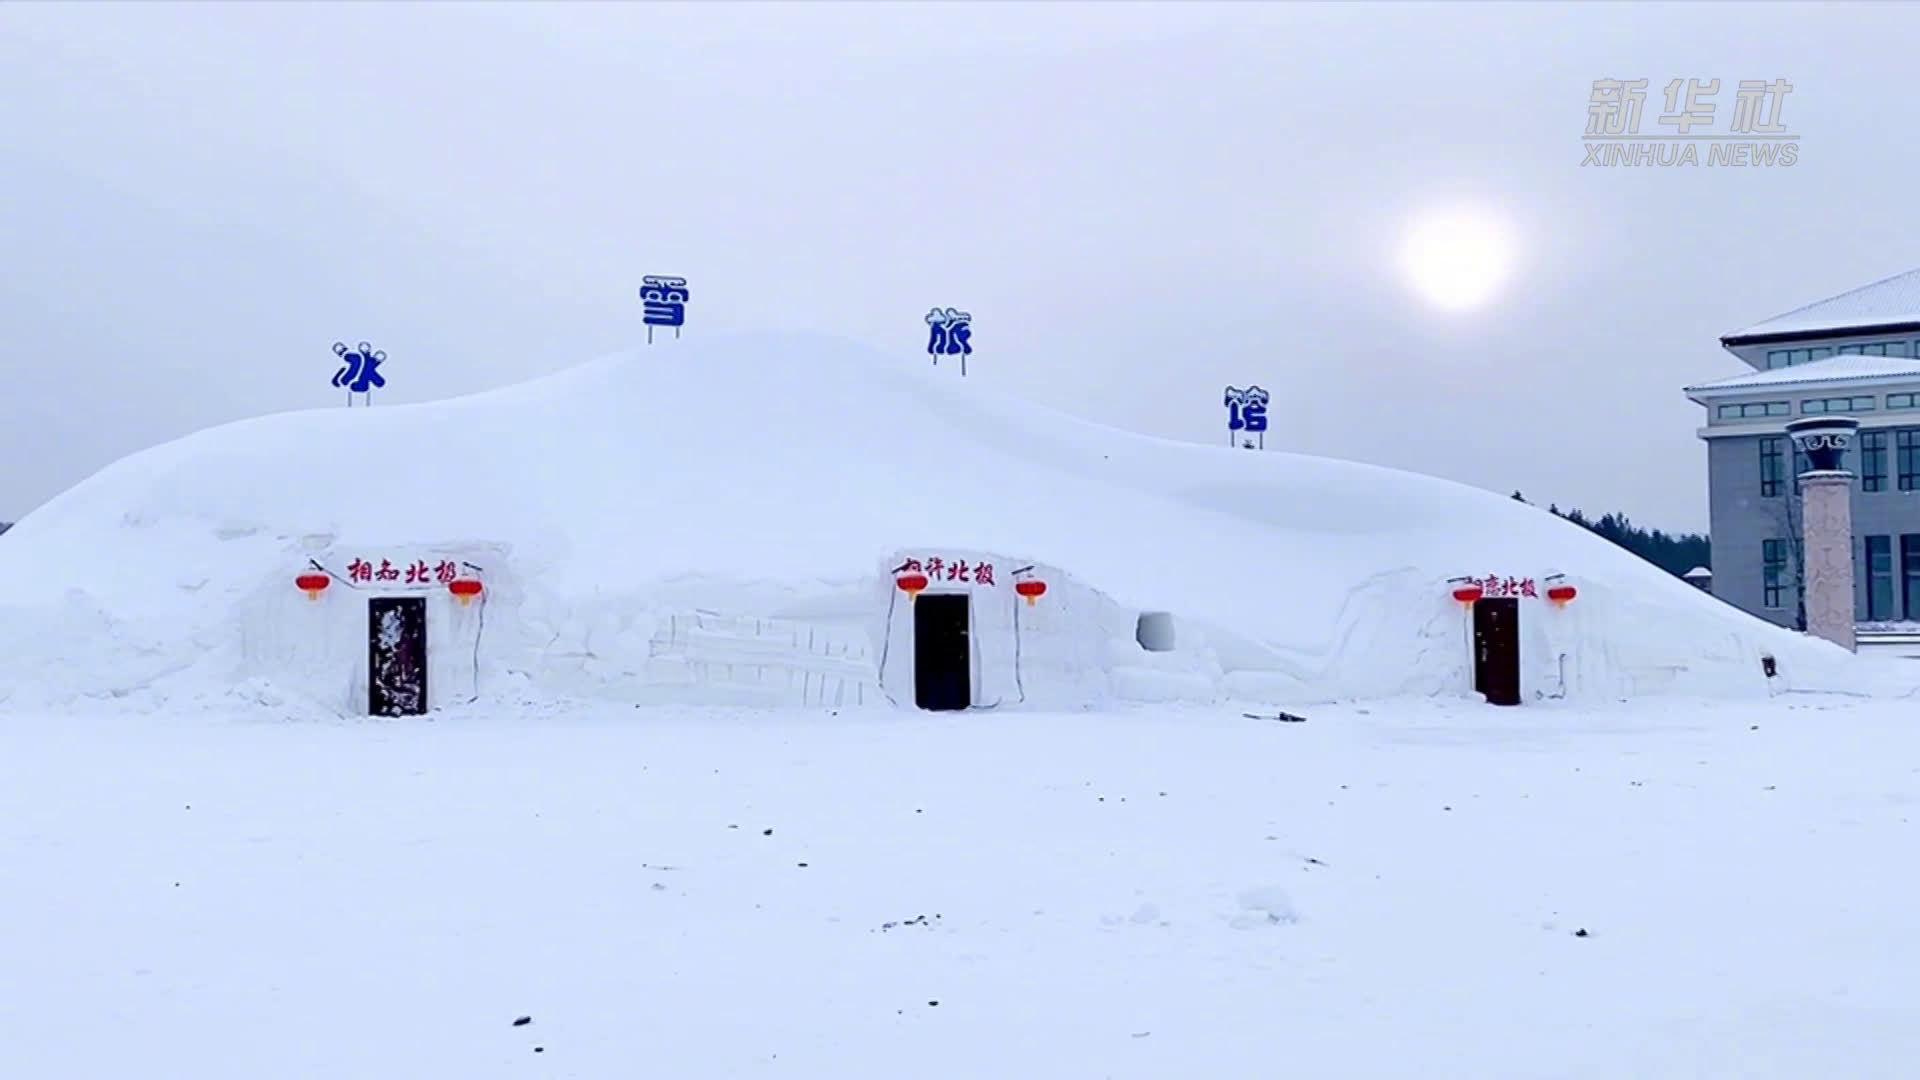 漠河冰箱体验冬眠